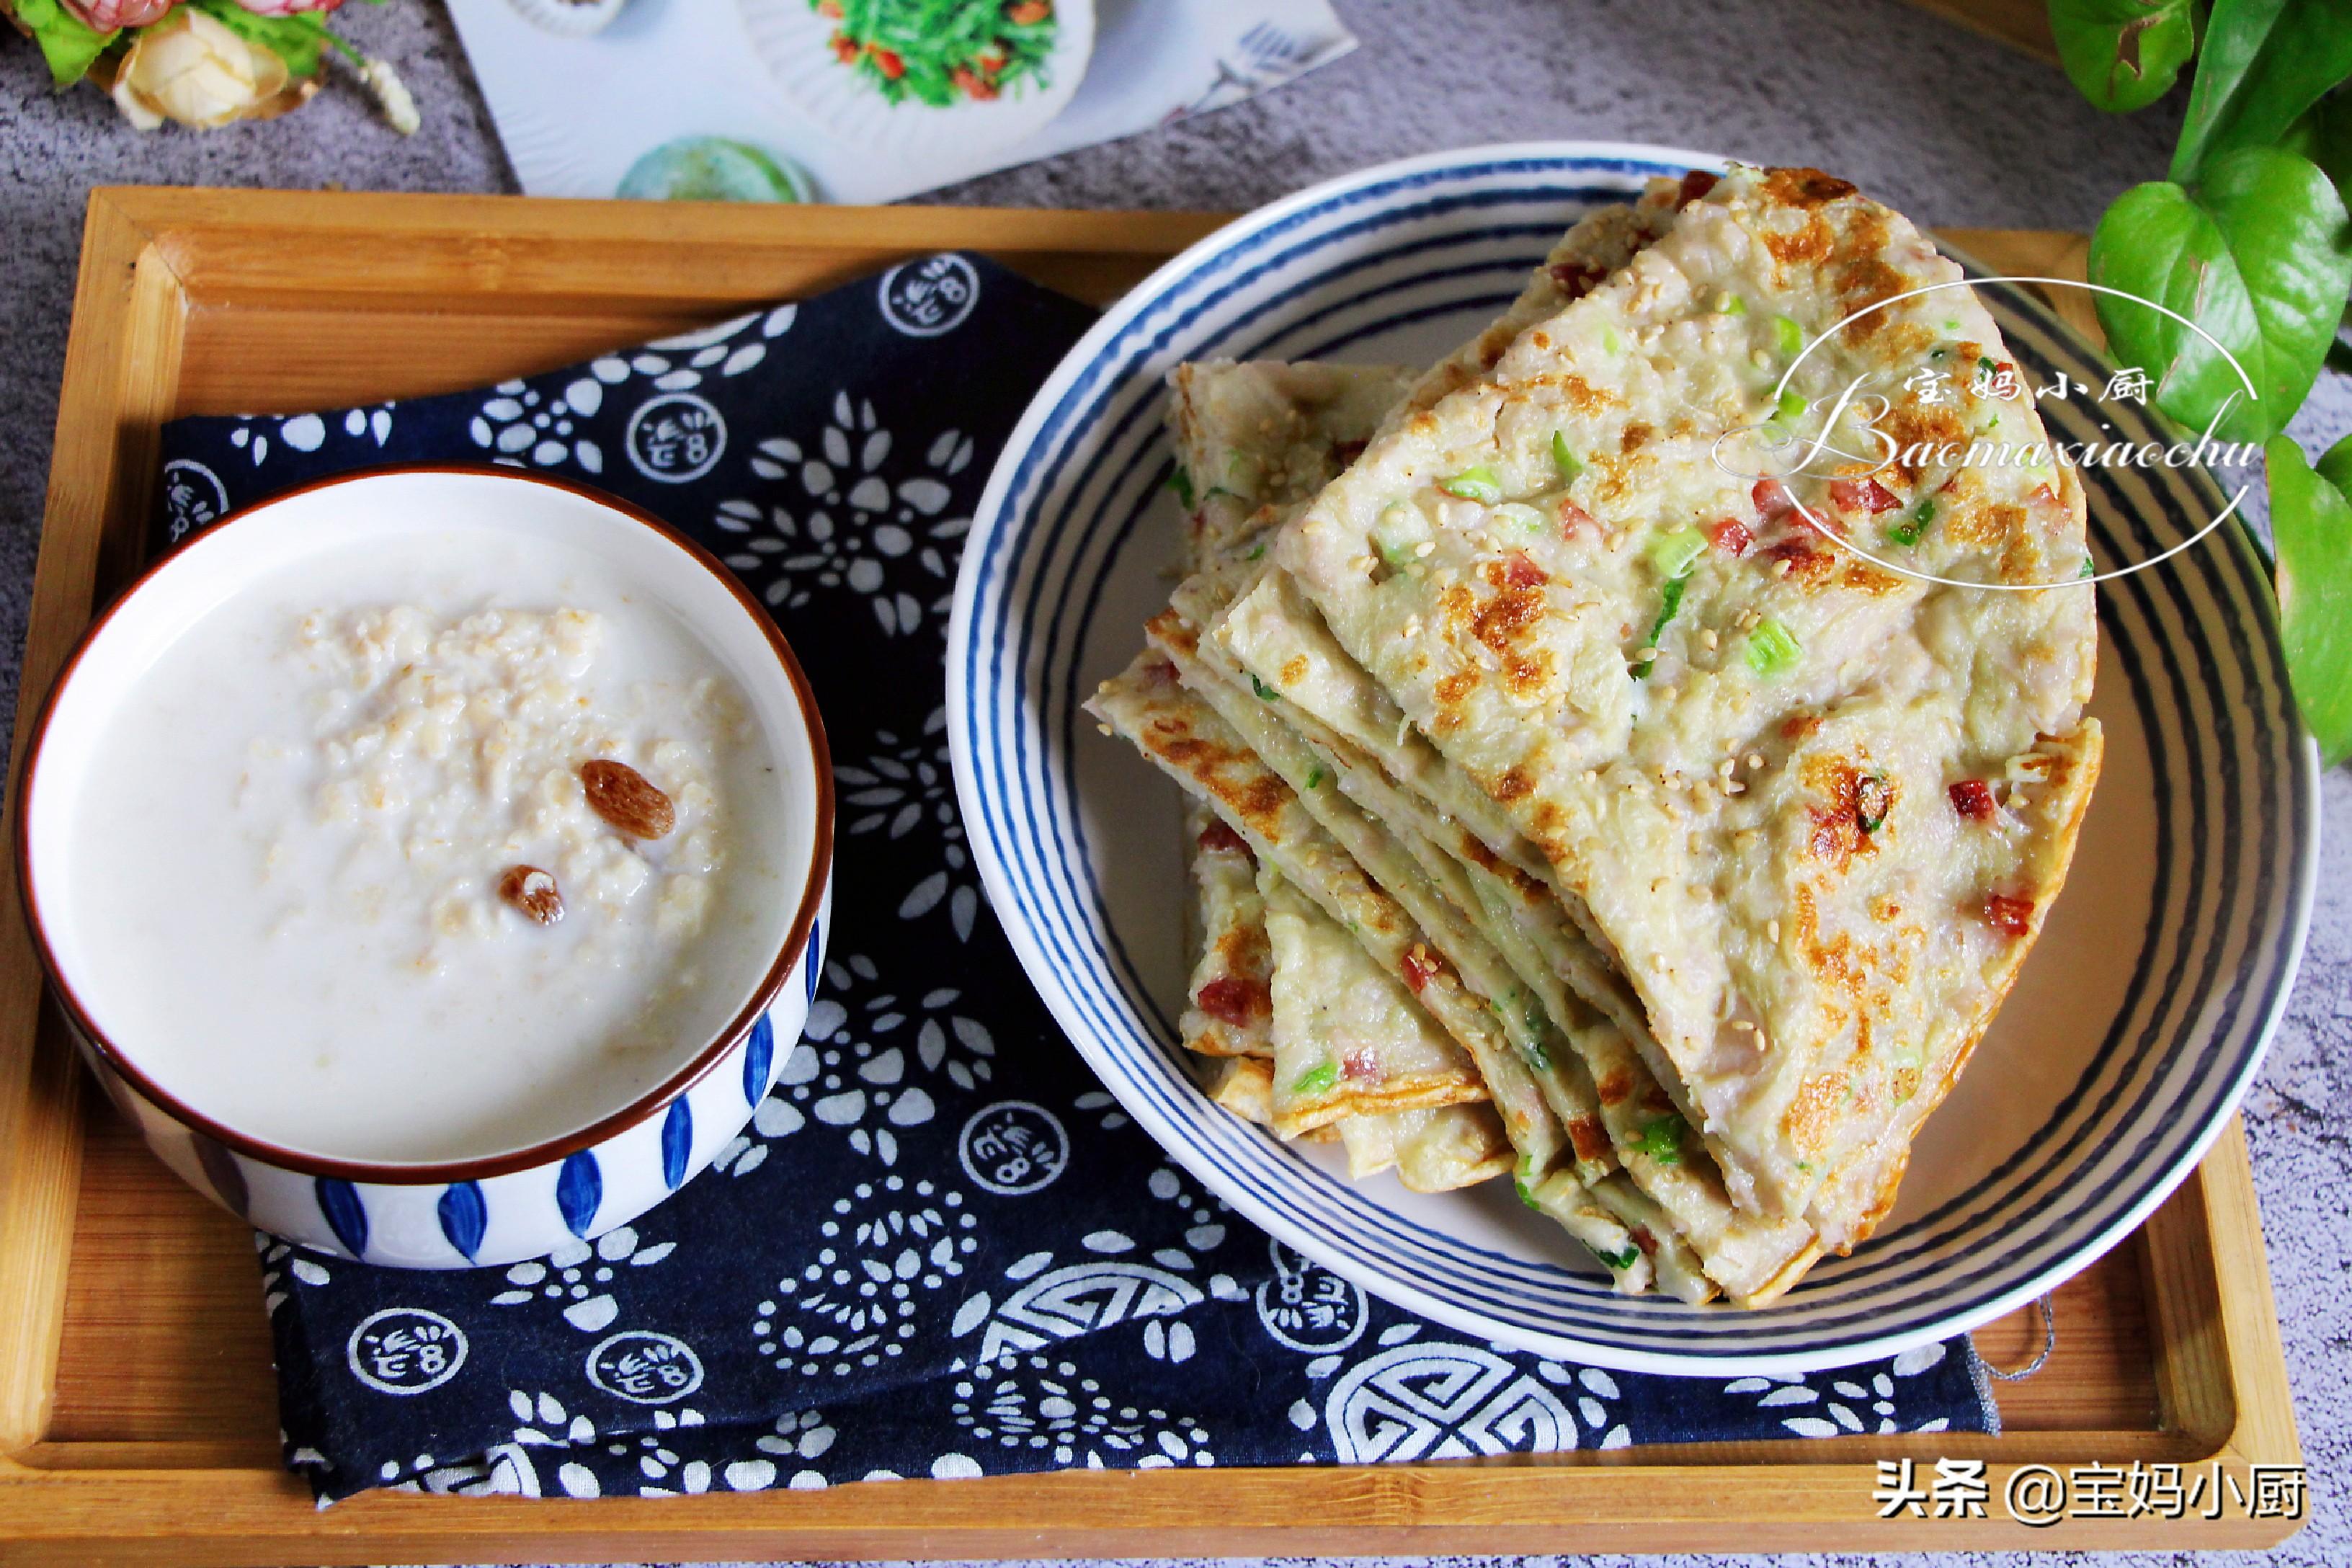 春季早餐,牛奶和雞蛋換個吃法,烙成餅老少都喜歡,營養又快手